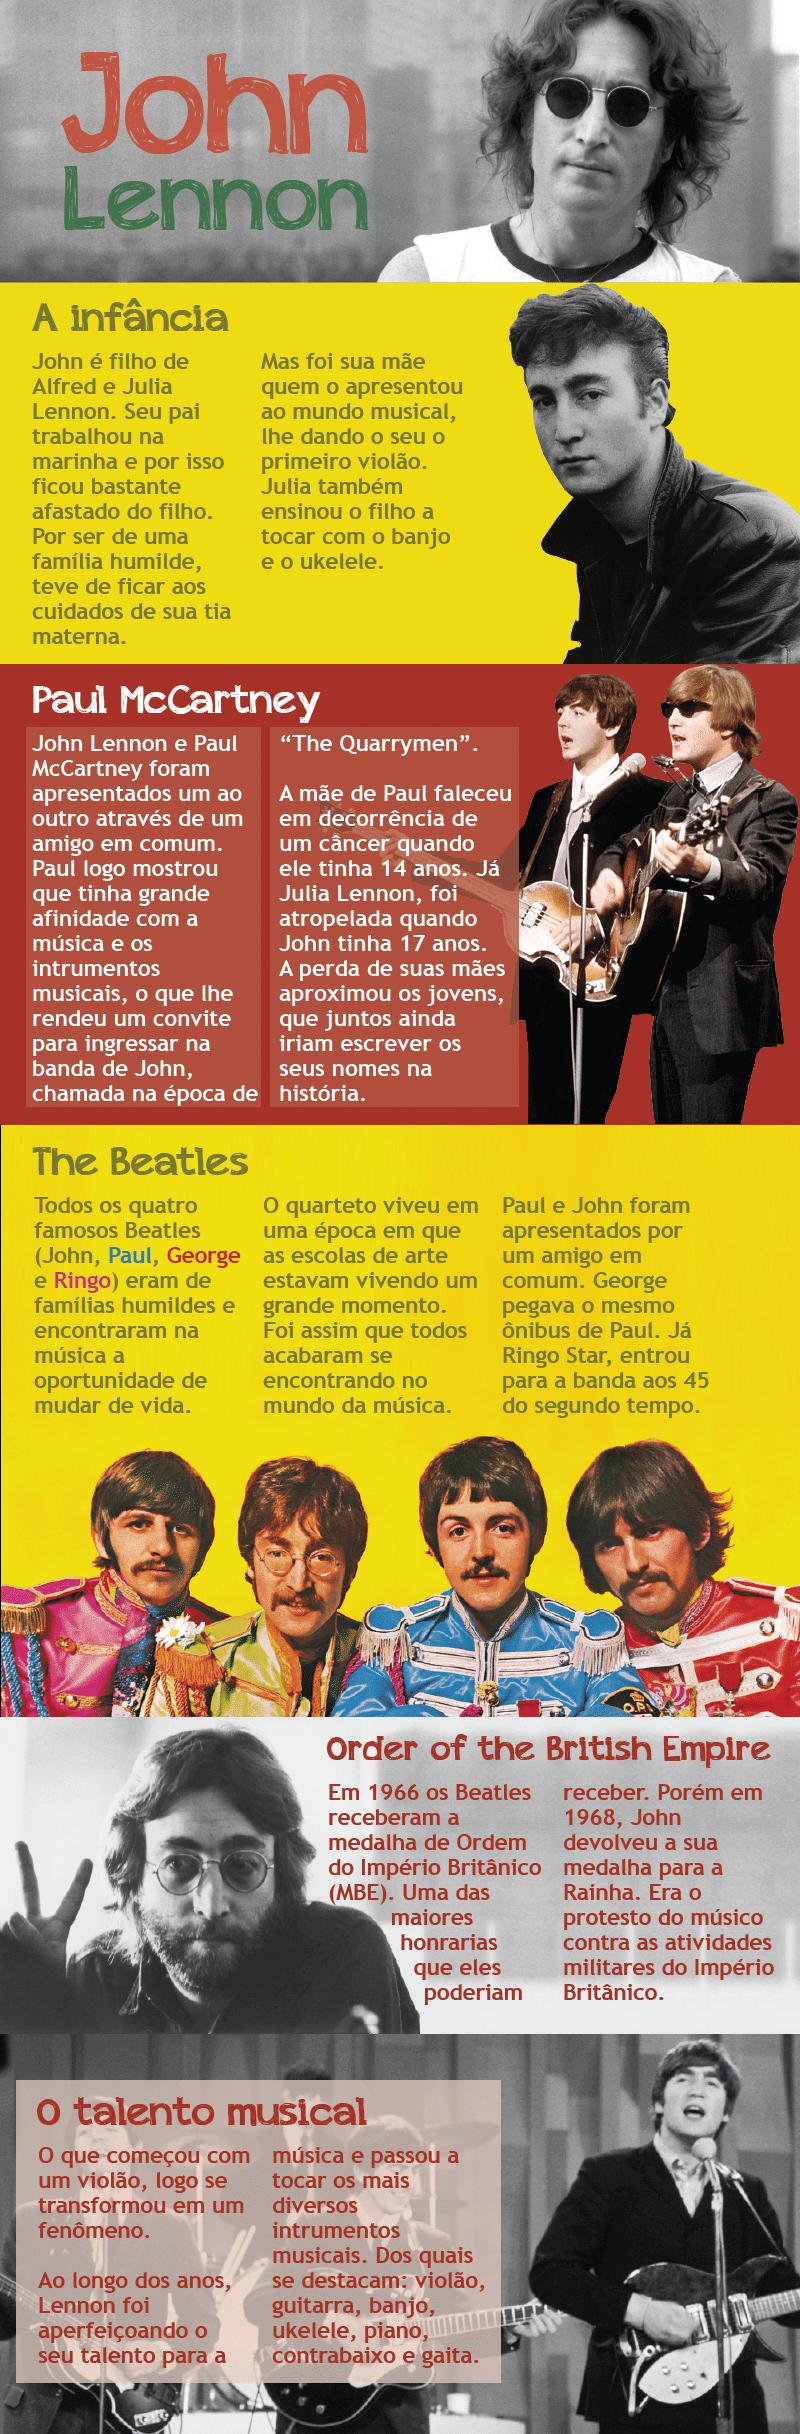 Info John Lennon